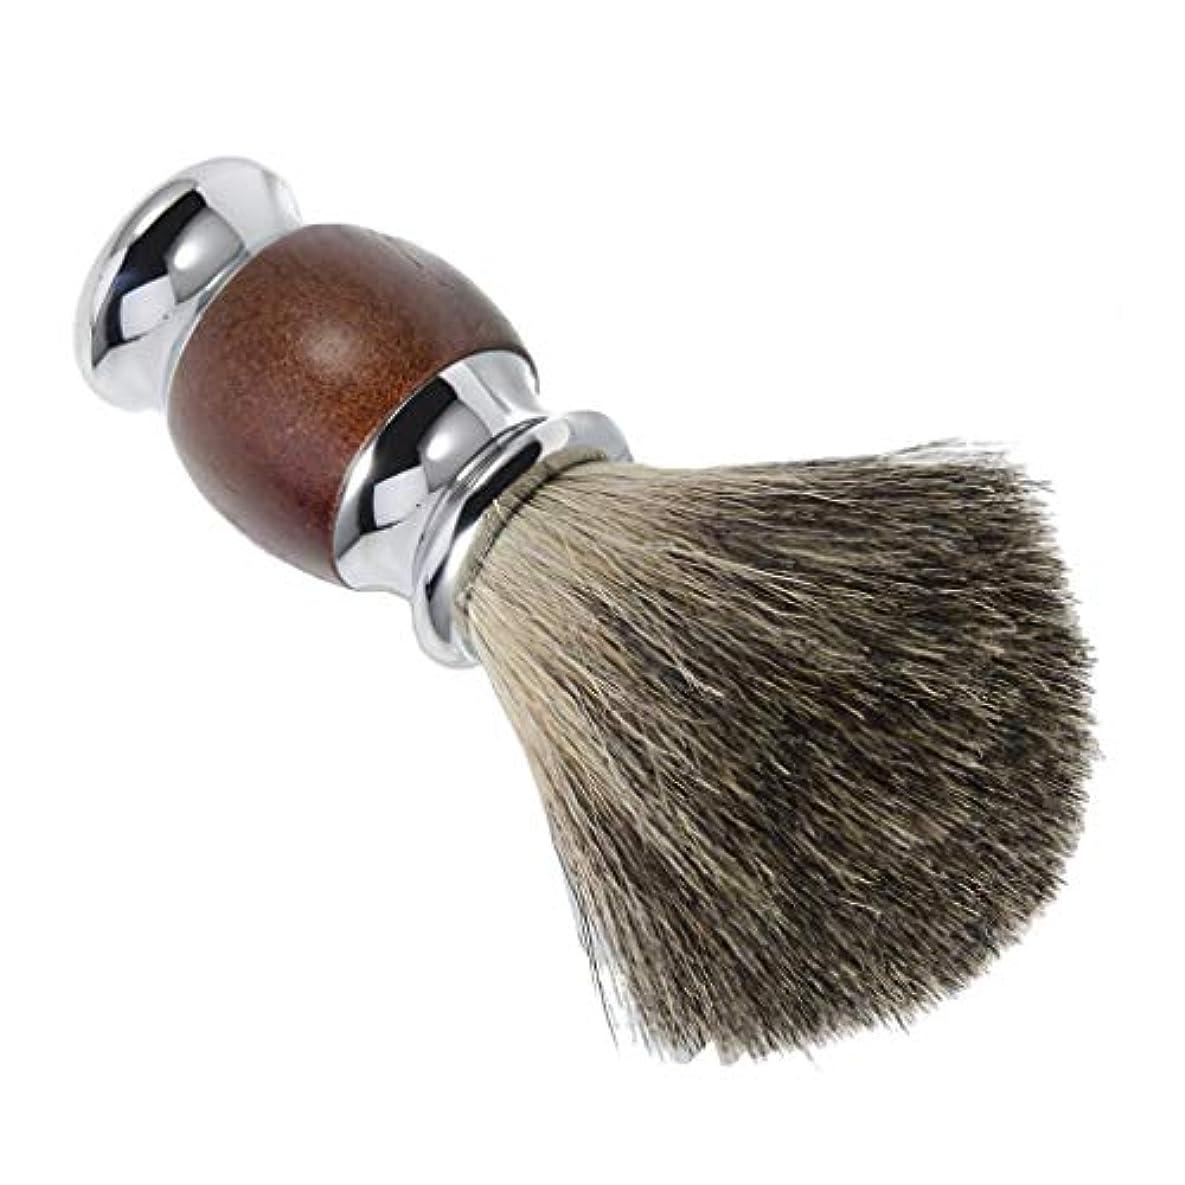 教育爬虫類受信機シェービング用ブラシ 木製ハンドル メンズ 理容 洗顔 髭剃り 泡立ち 贈り物